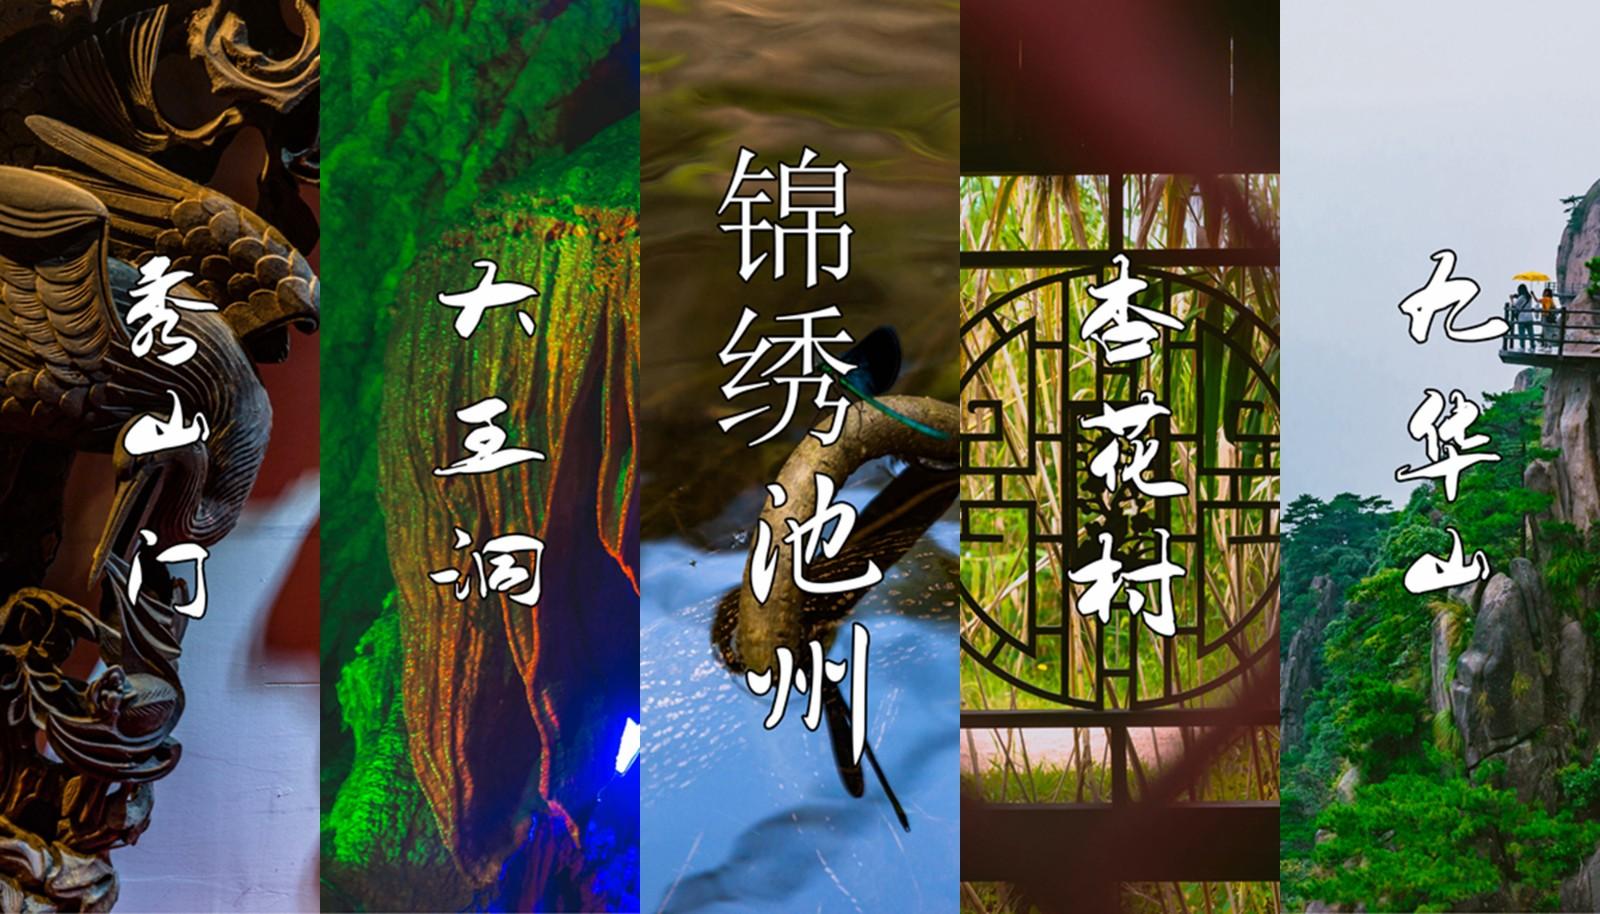 【美图Pick计划】安徽池州|徽韵锦绣城,千载诗人地